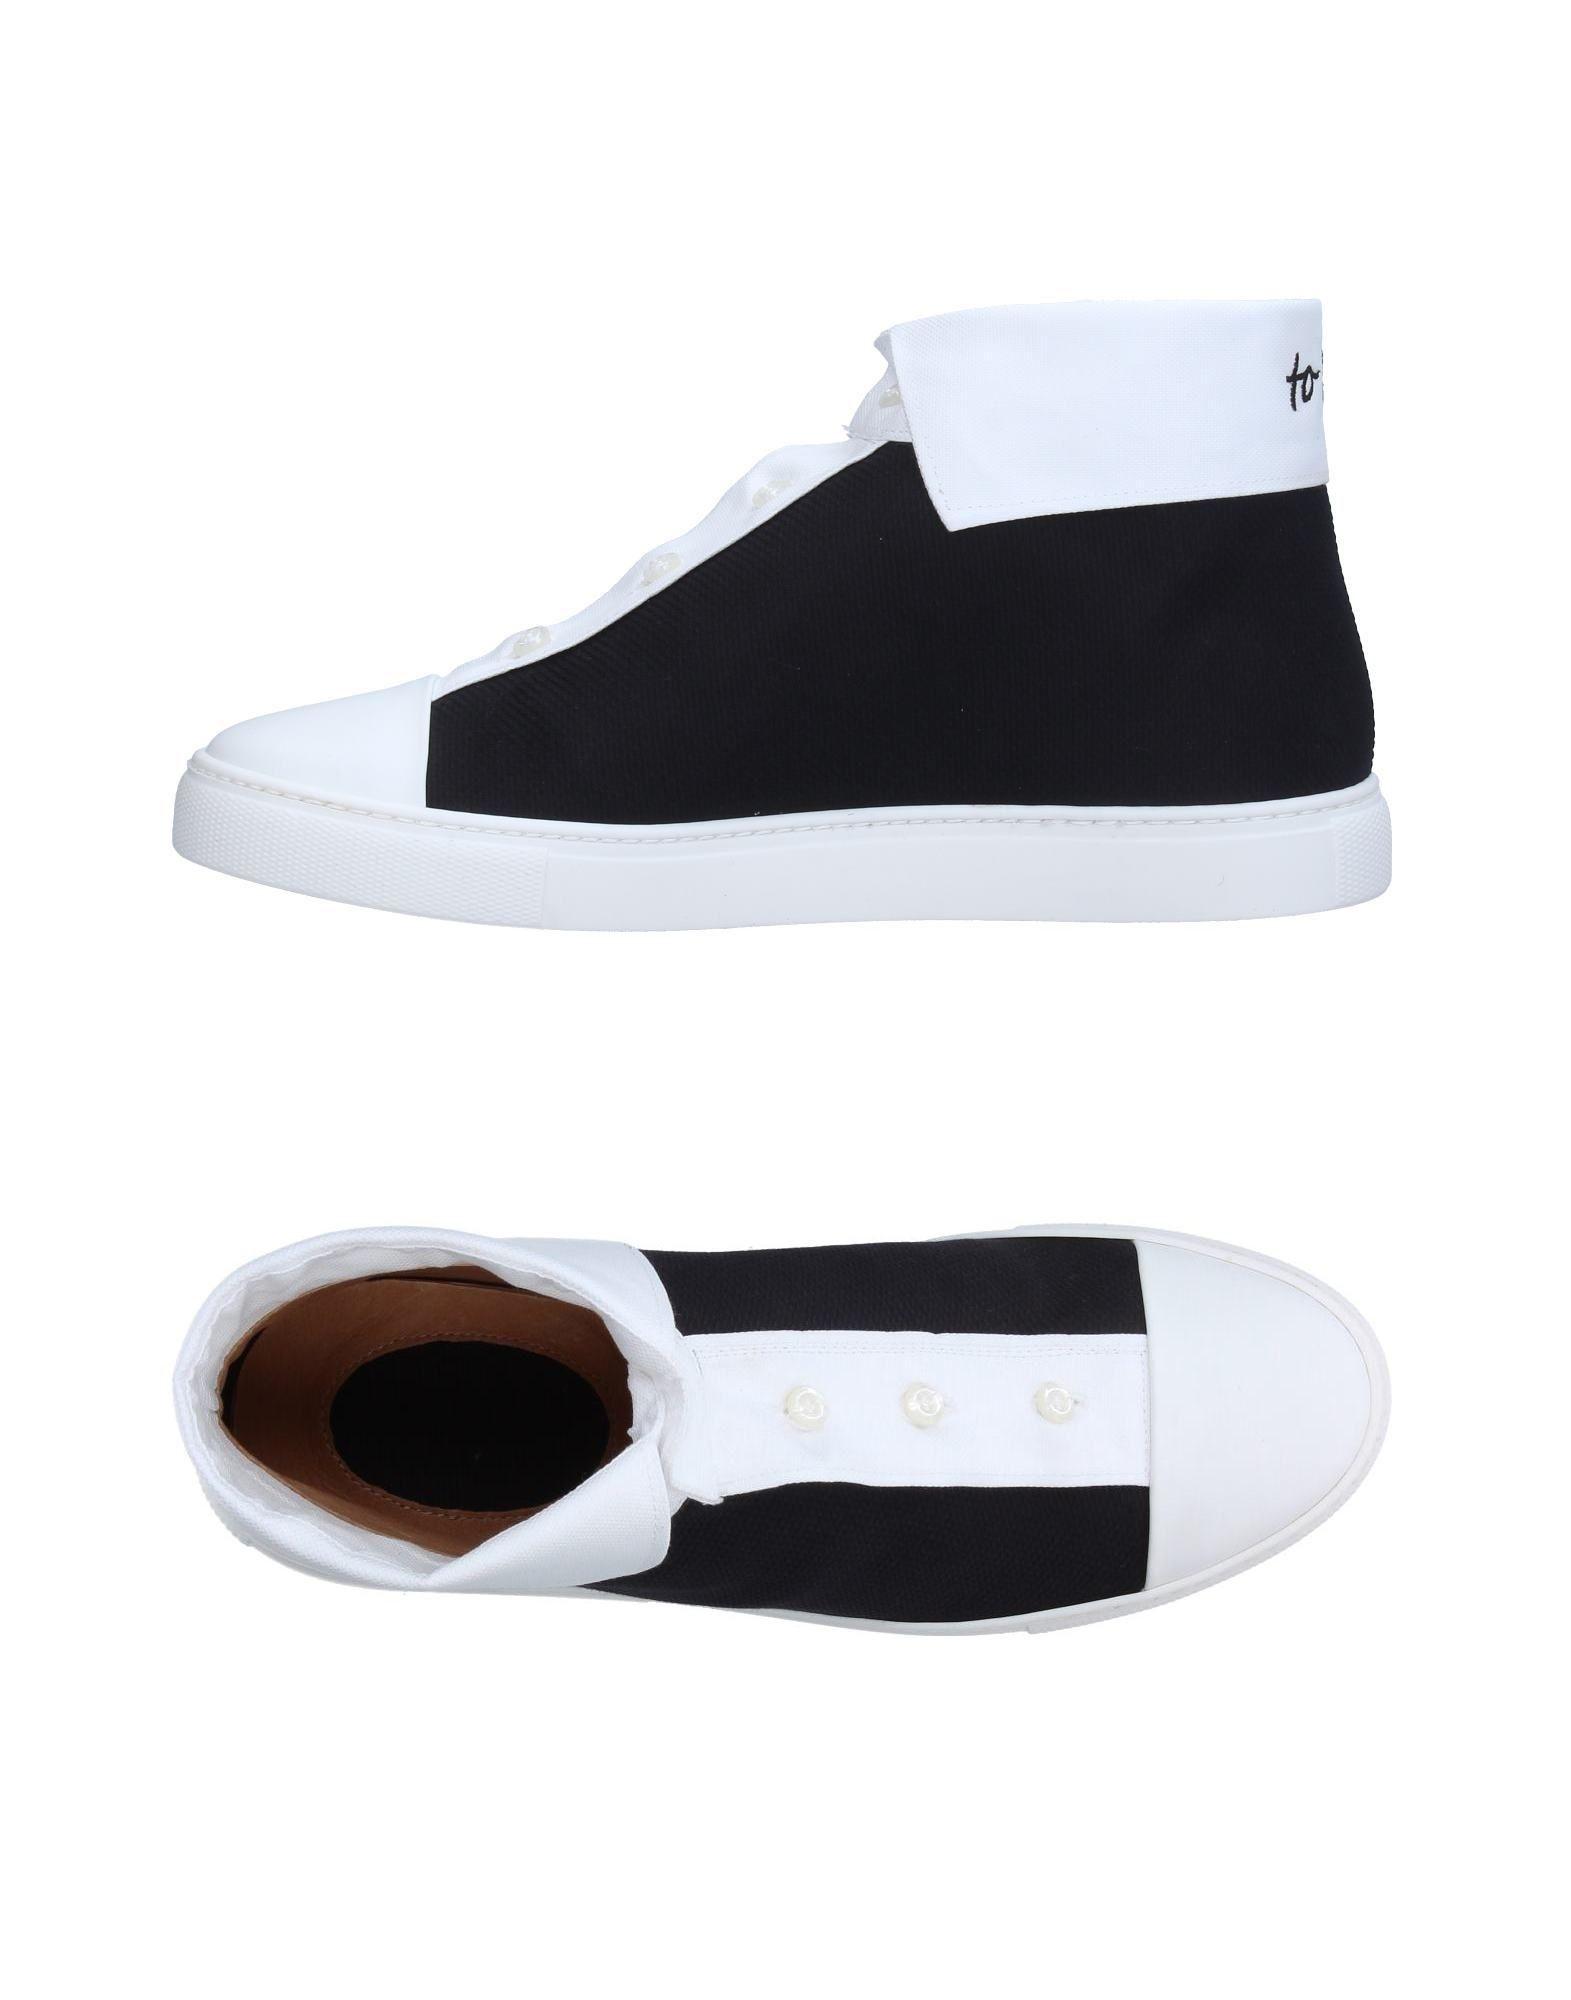 Sneakers Sciuscert Uomo - 11250322AU Scarpe economiche e buone